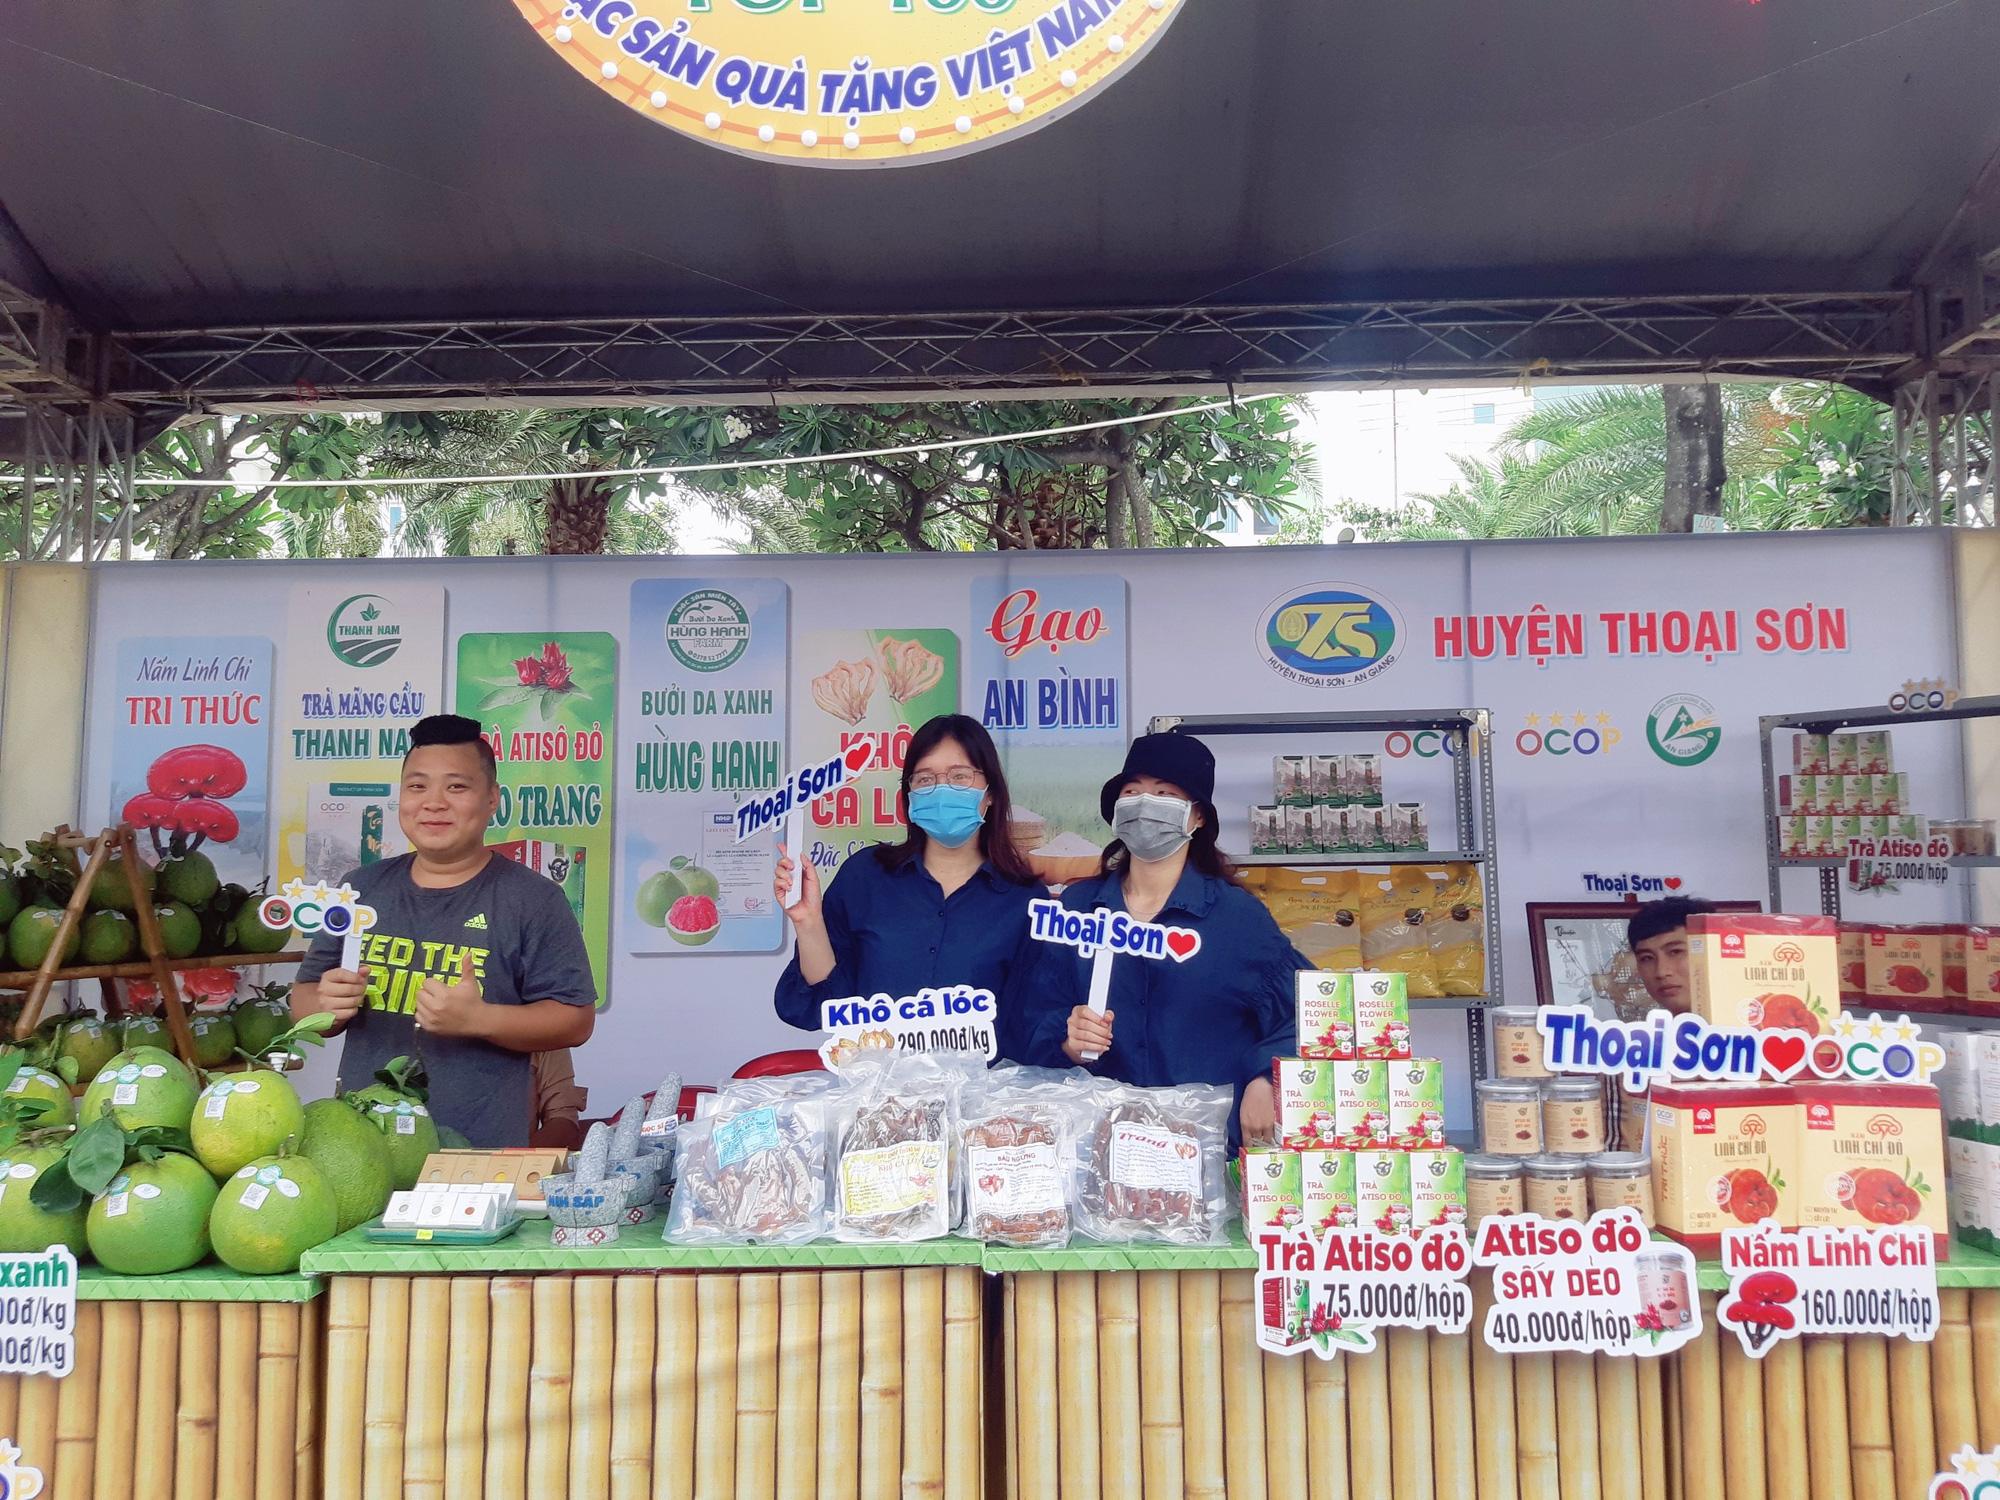 Sản phẩm OCOP 24 tỉnh, thành hội tụ tại Châu Đốc An Giang - Ảnh 3.